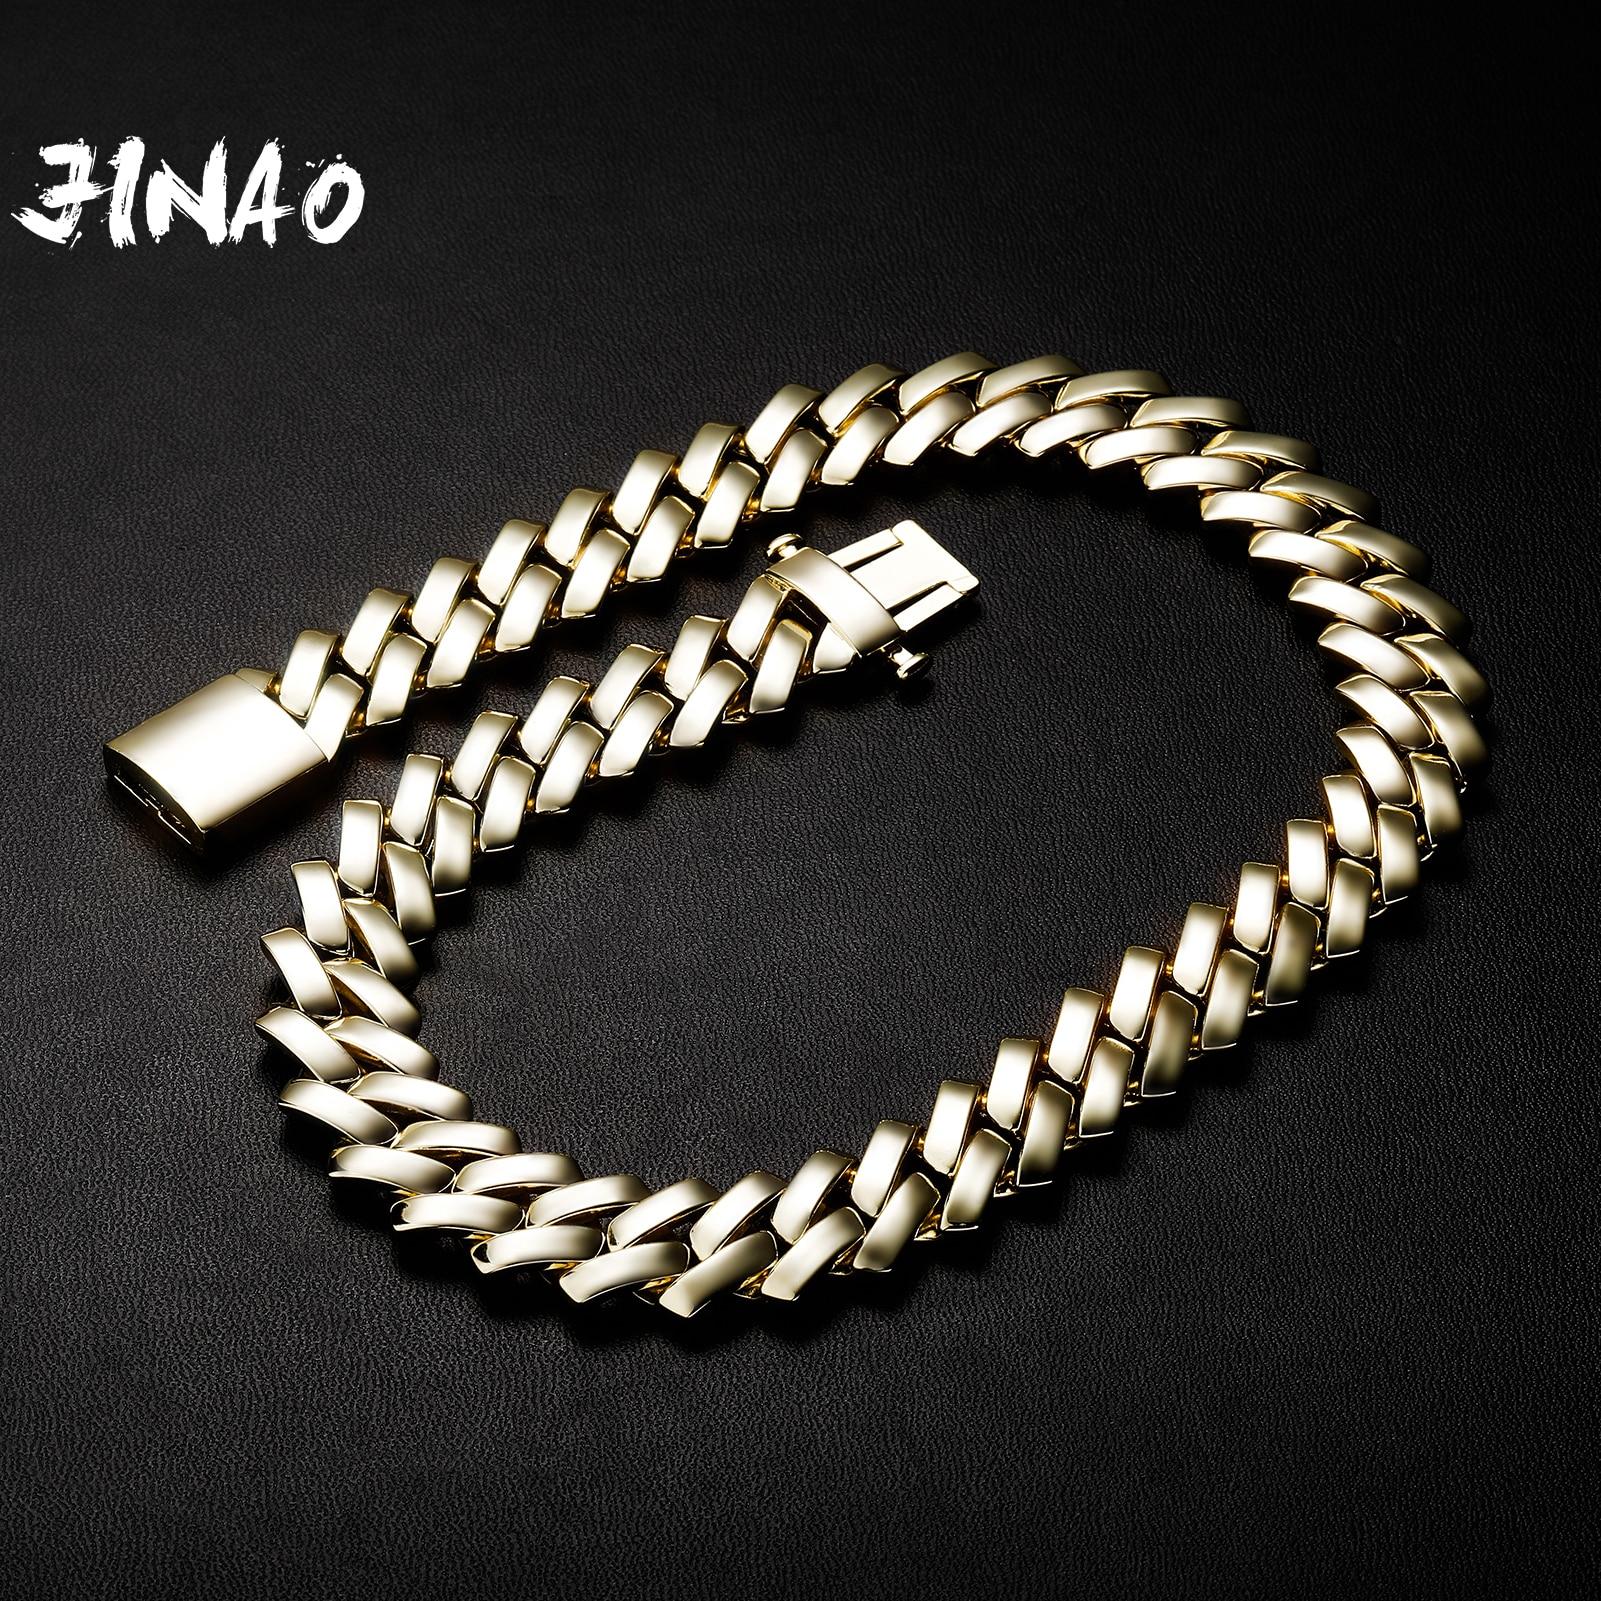 JINAO 2021 جديد 18 مللي متر الماس على شكل الكوبية سلسلة عالية الجودة 6 مرات الذهب تصفيح قلادة الرجال والنساء مجوهرات للهدايا